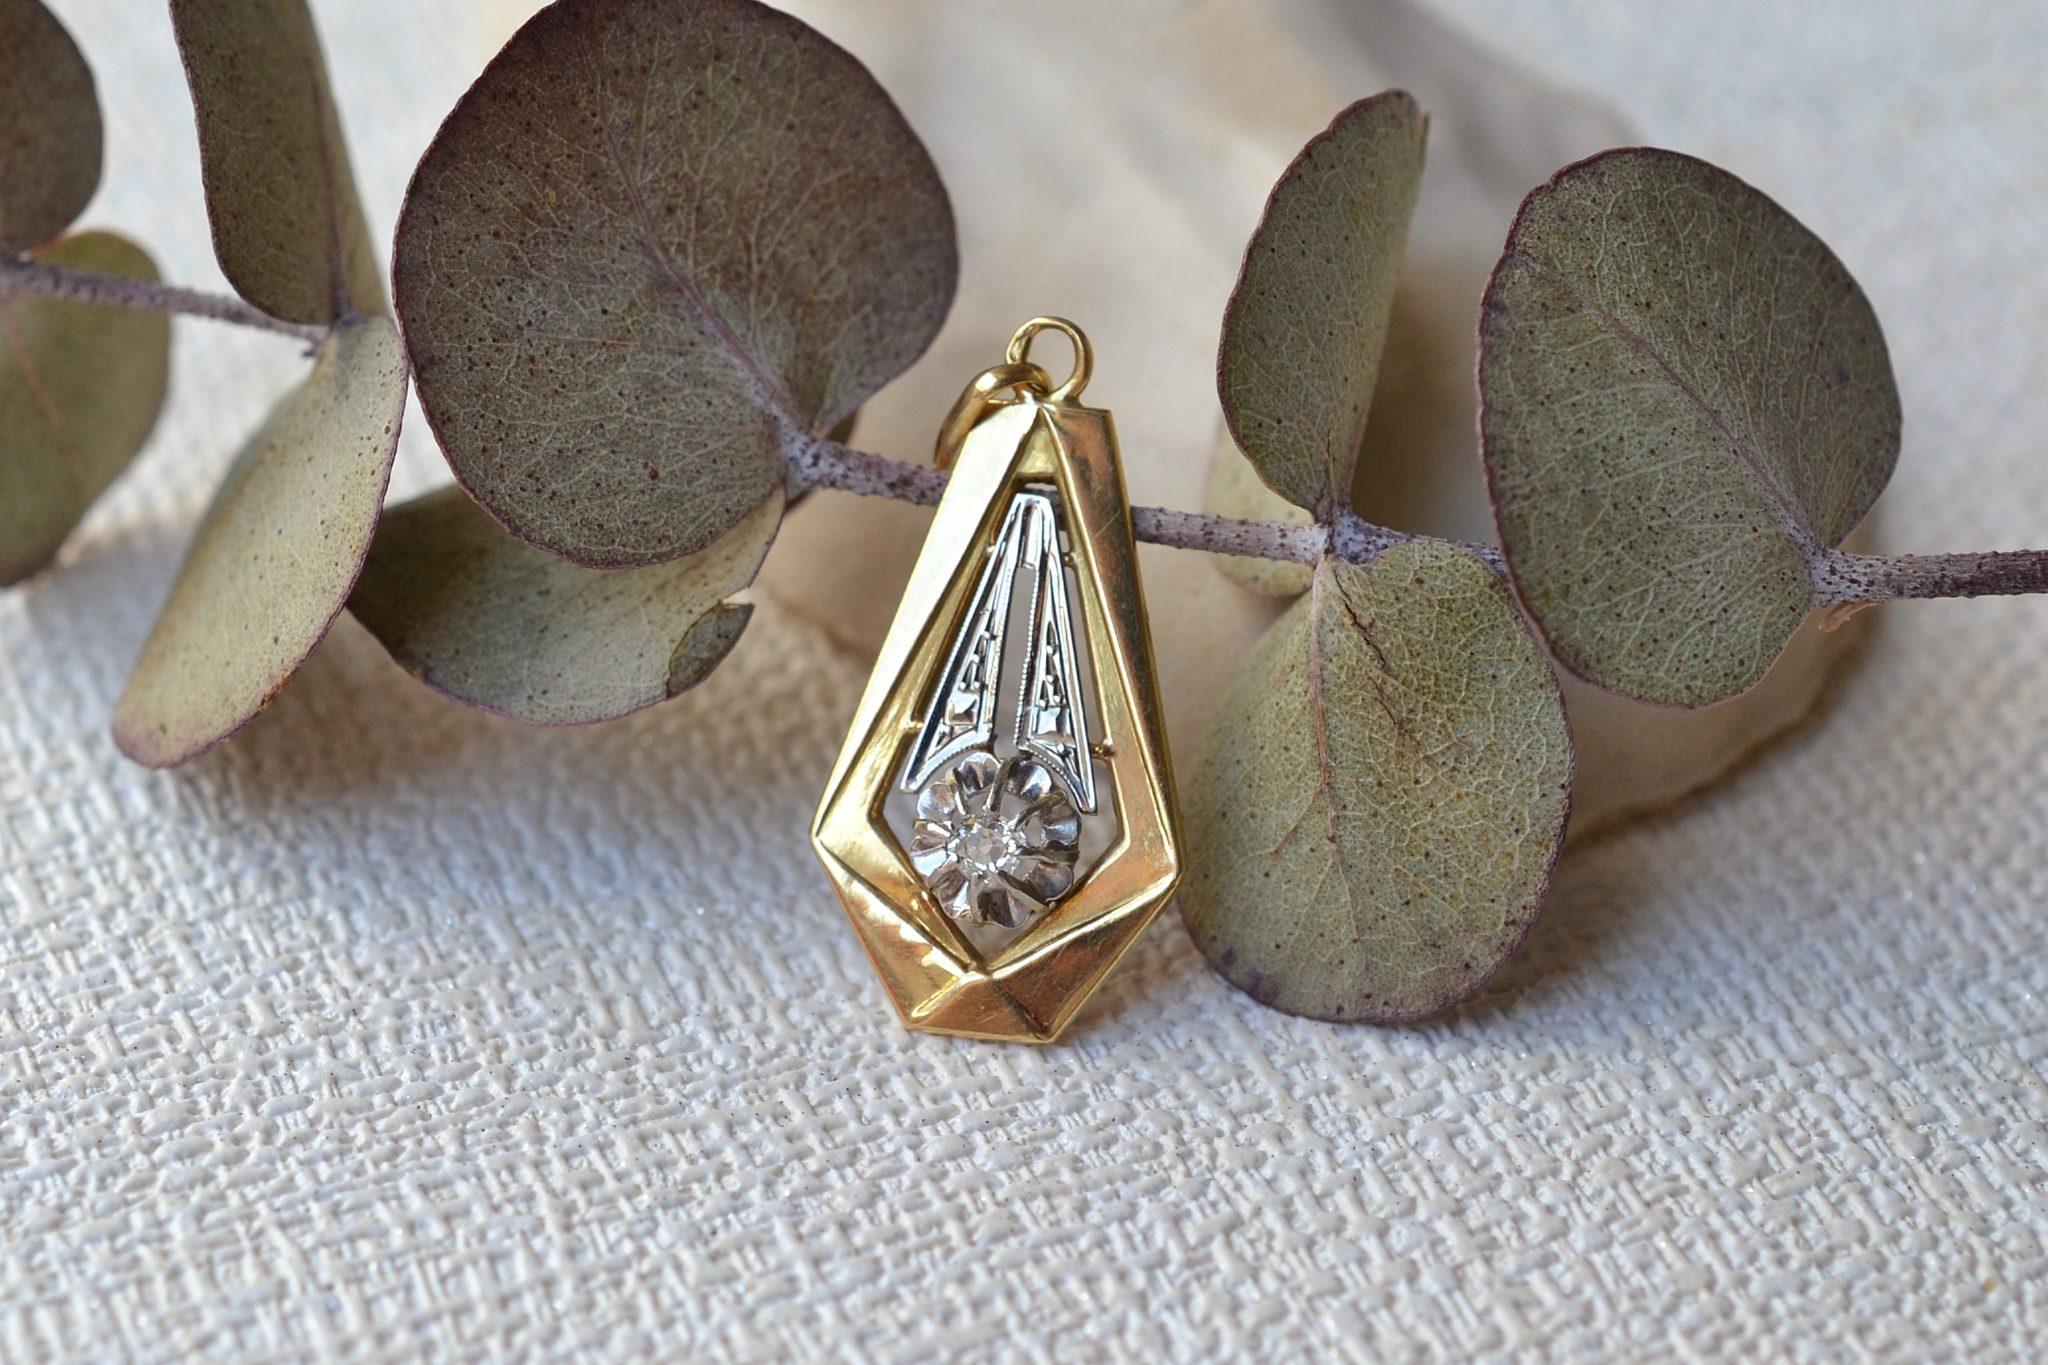 Pendentif en Or deux tons orné d_un petit diamant taille ancienne - bijou ancien